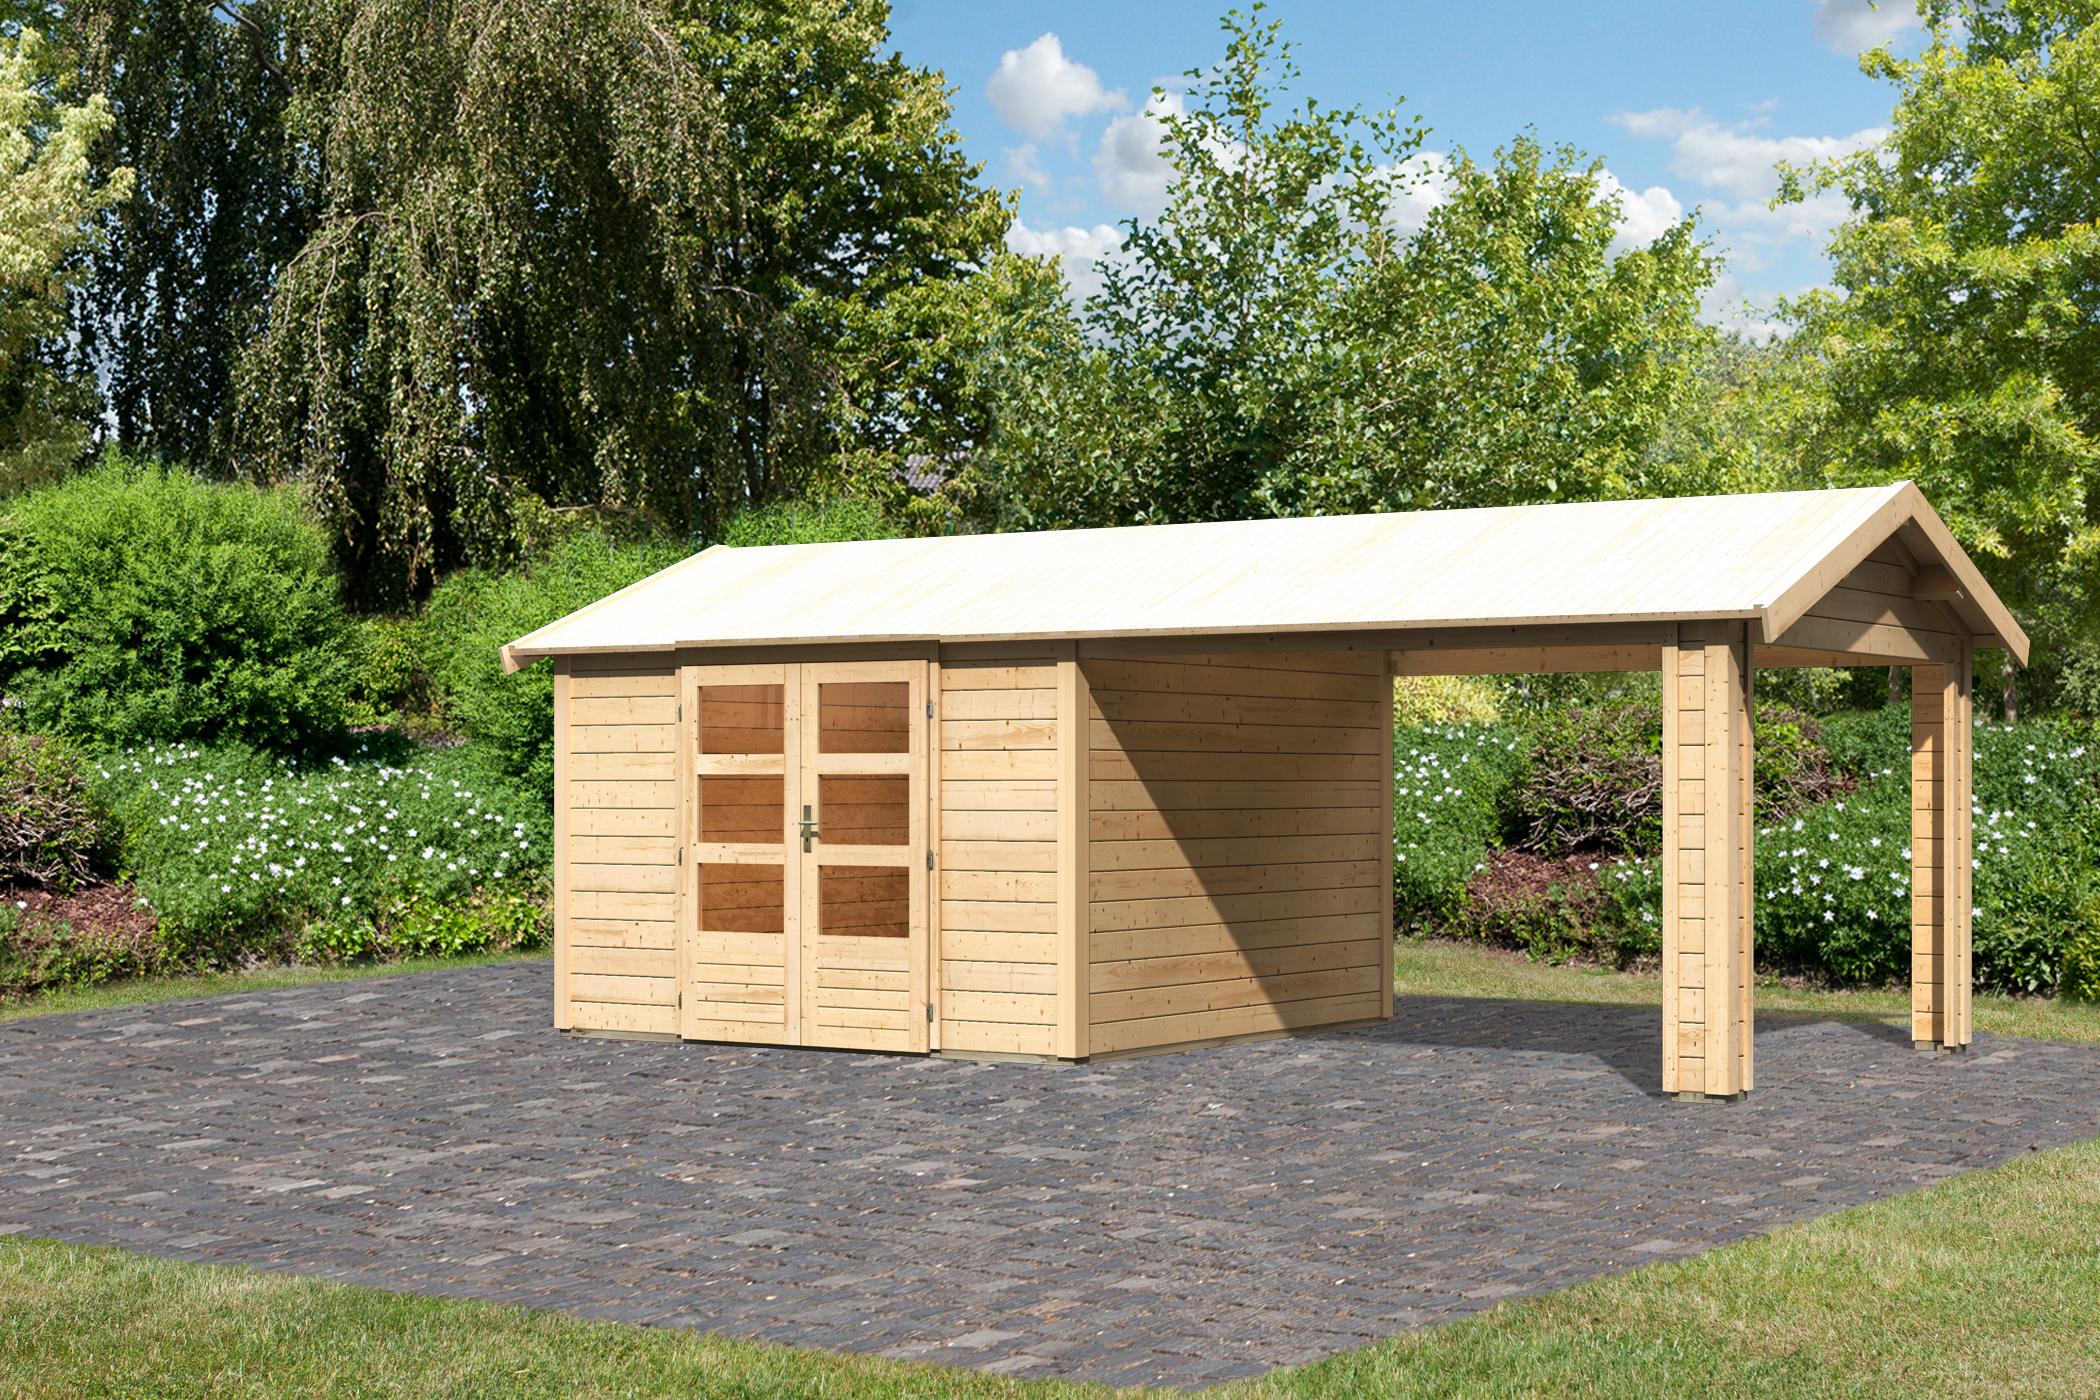 Cabane De Jardin Tastrup 7 Avec Abri 604 X 304 X 250 Cm tout Abris De Jardin Avec Plancher